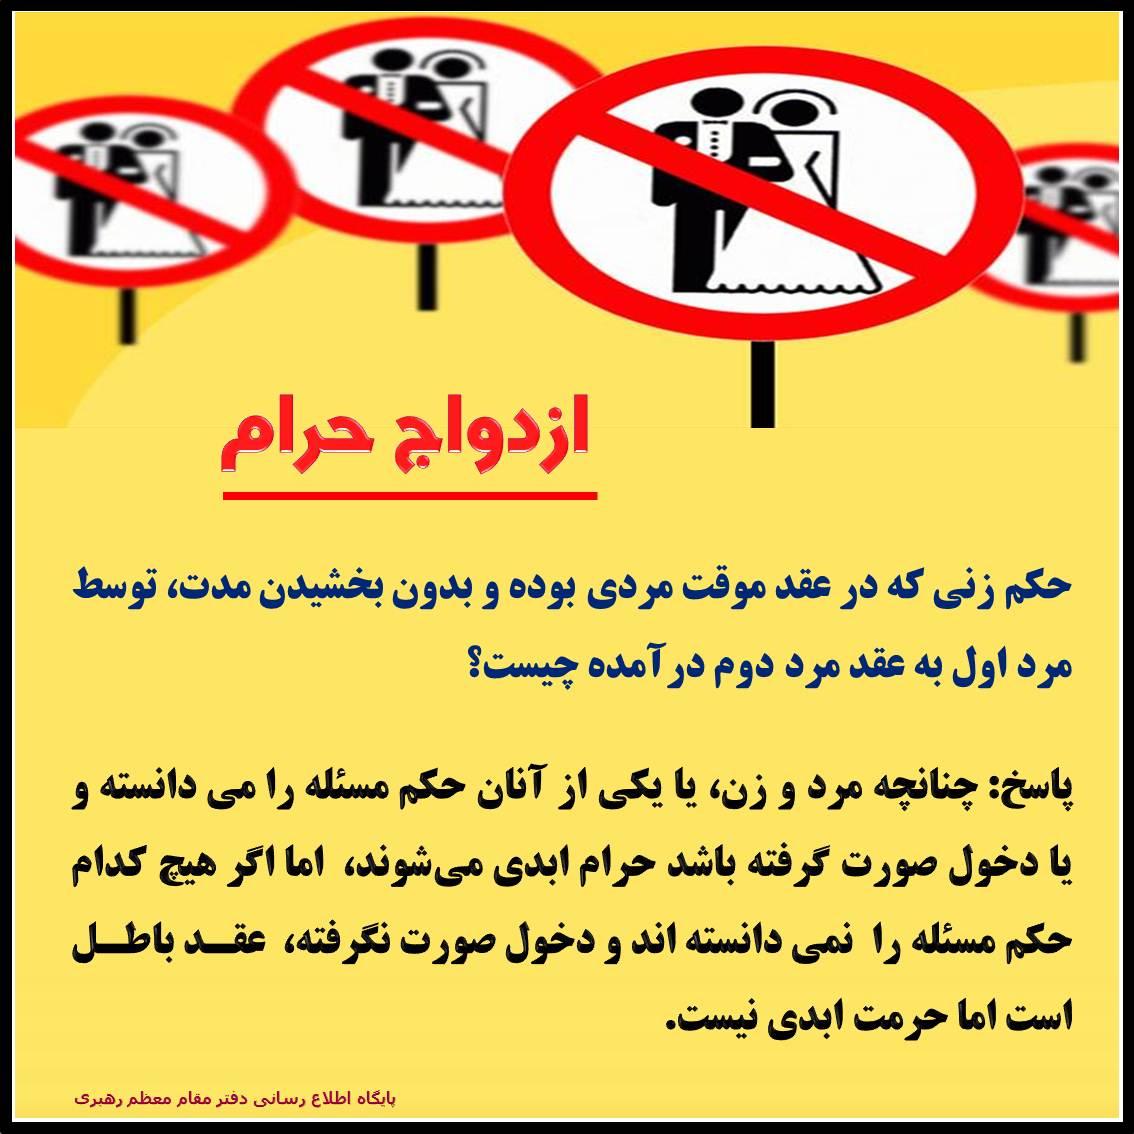 ازدواج حرام در عده عقد موقت